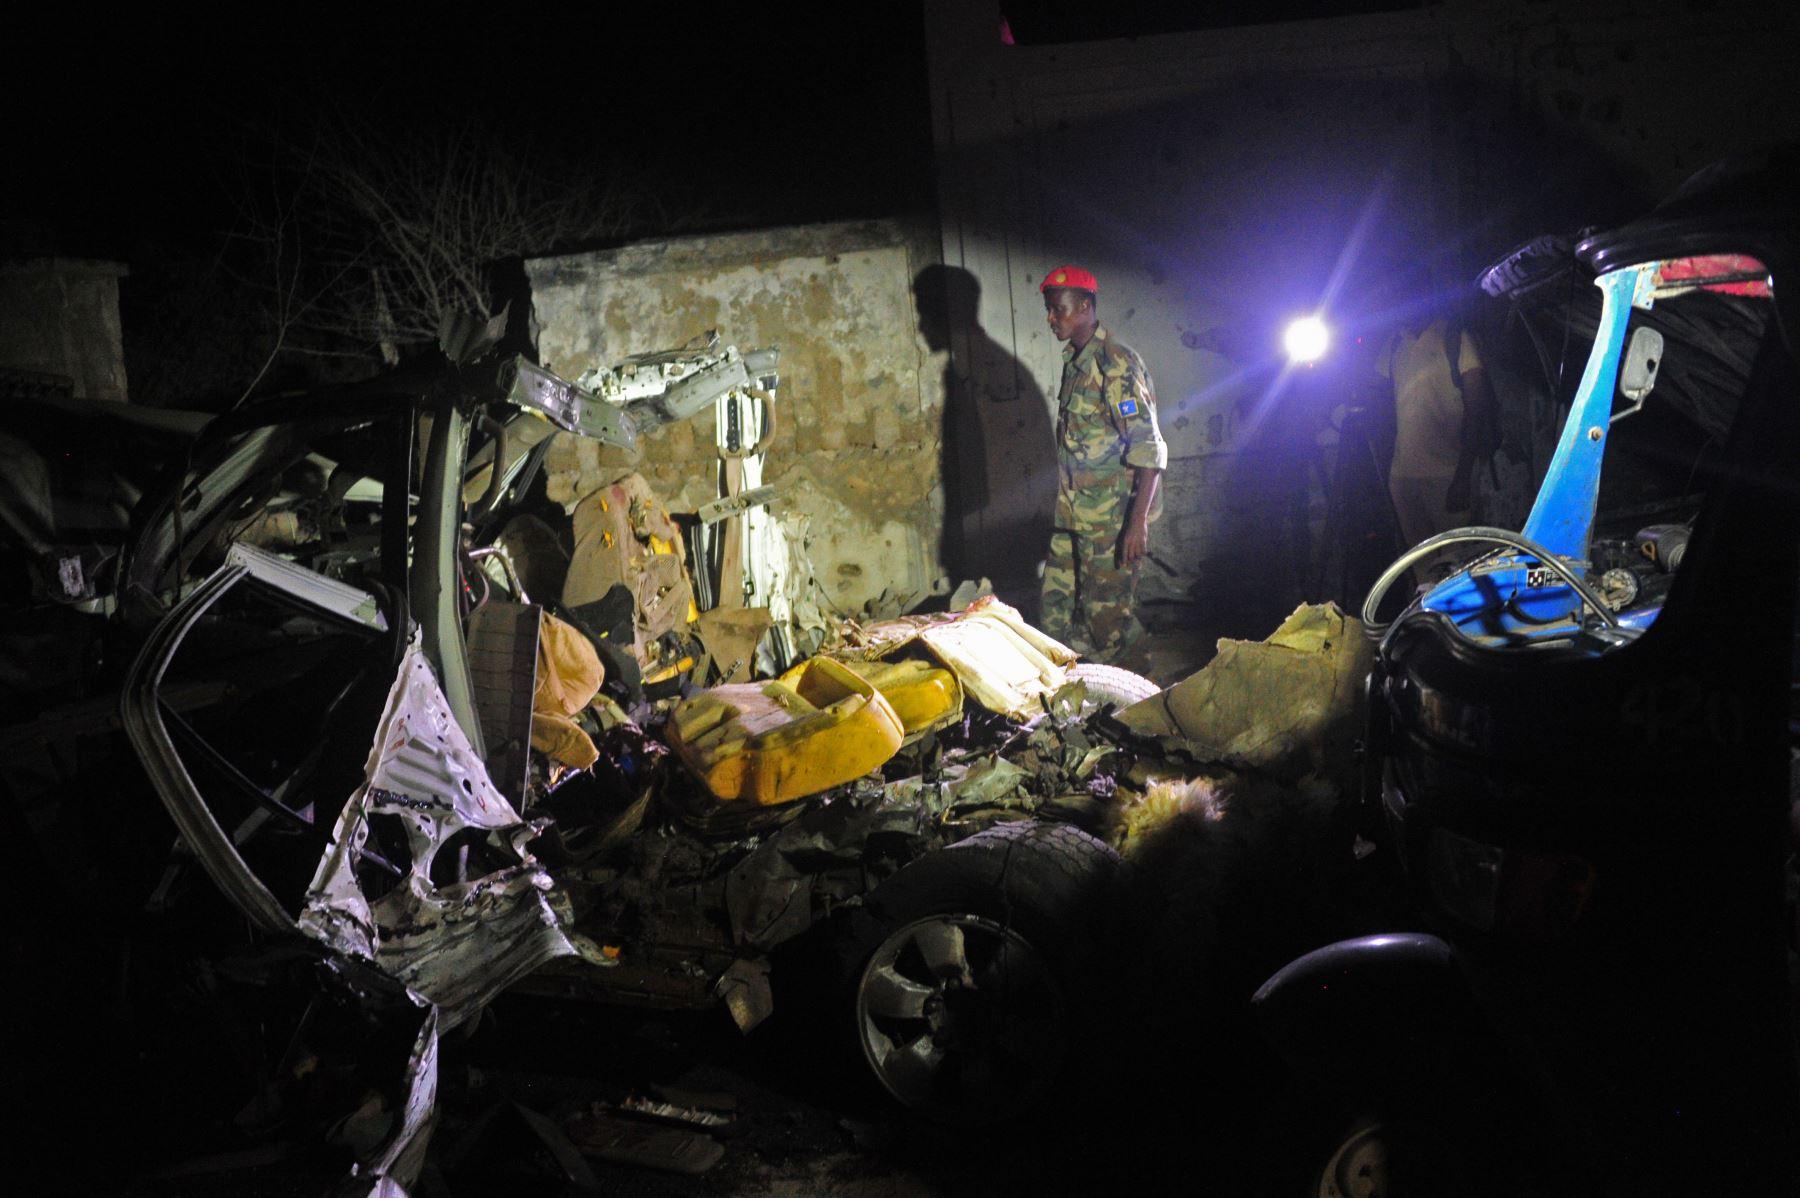 Un soldado somalí se encuentra junto a los restos del coche bomba fuera de un restaurante de la playa en la capital somalí, Mogadiscio, tras un ataque de presuntos rebeldes Shabaab, vinculada a Al Qaeda. Foto: AFP